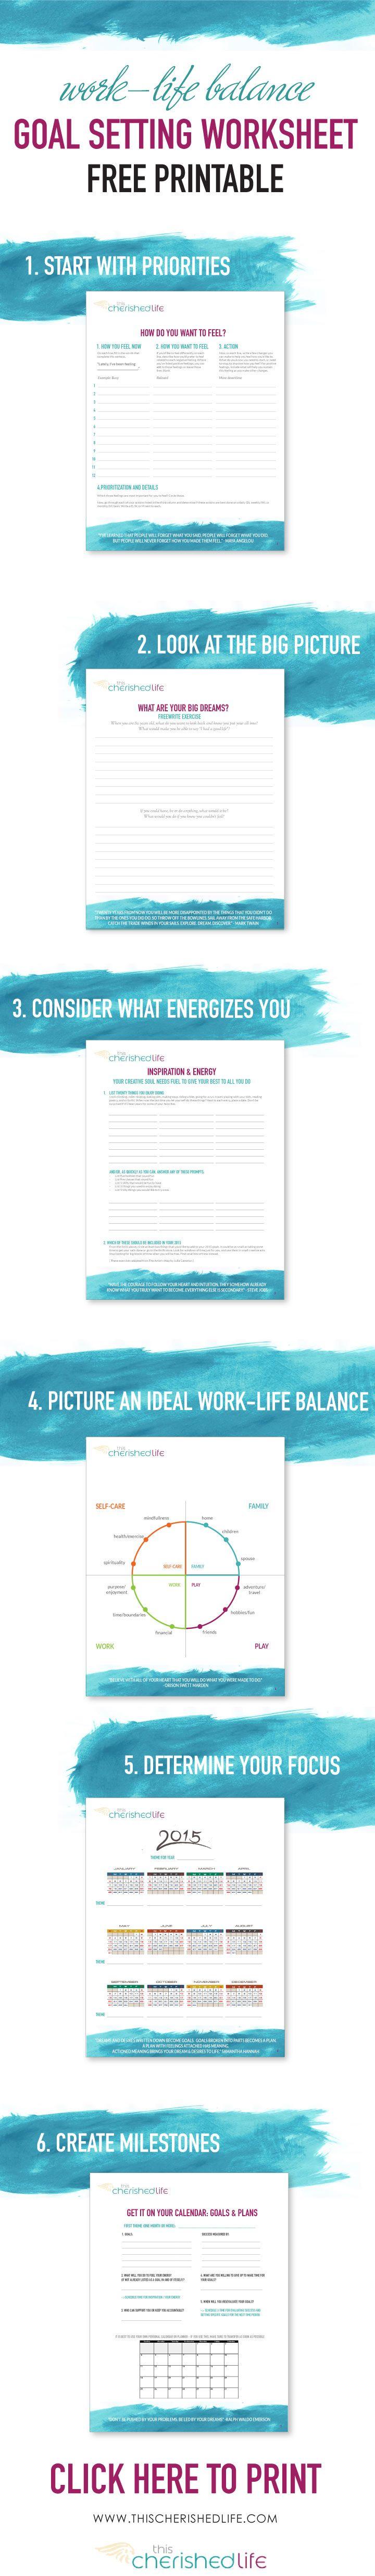 Goal Setting For 2015 Work Life Balance Goal Setting Goal Setting Worksheet Printables